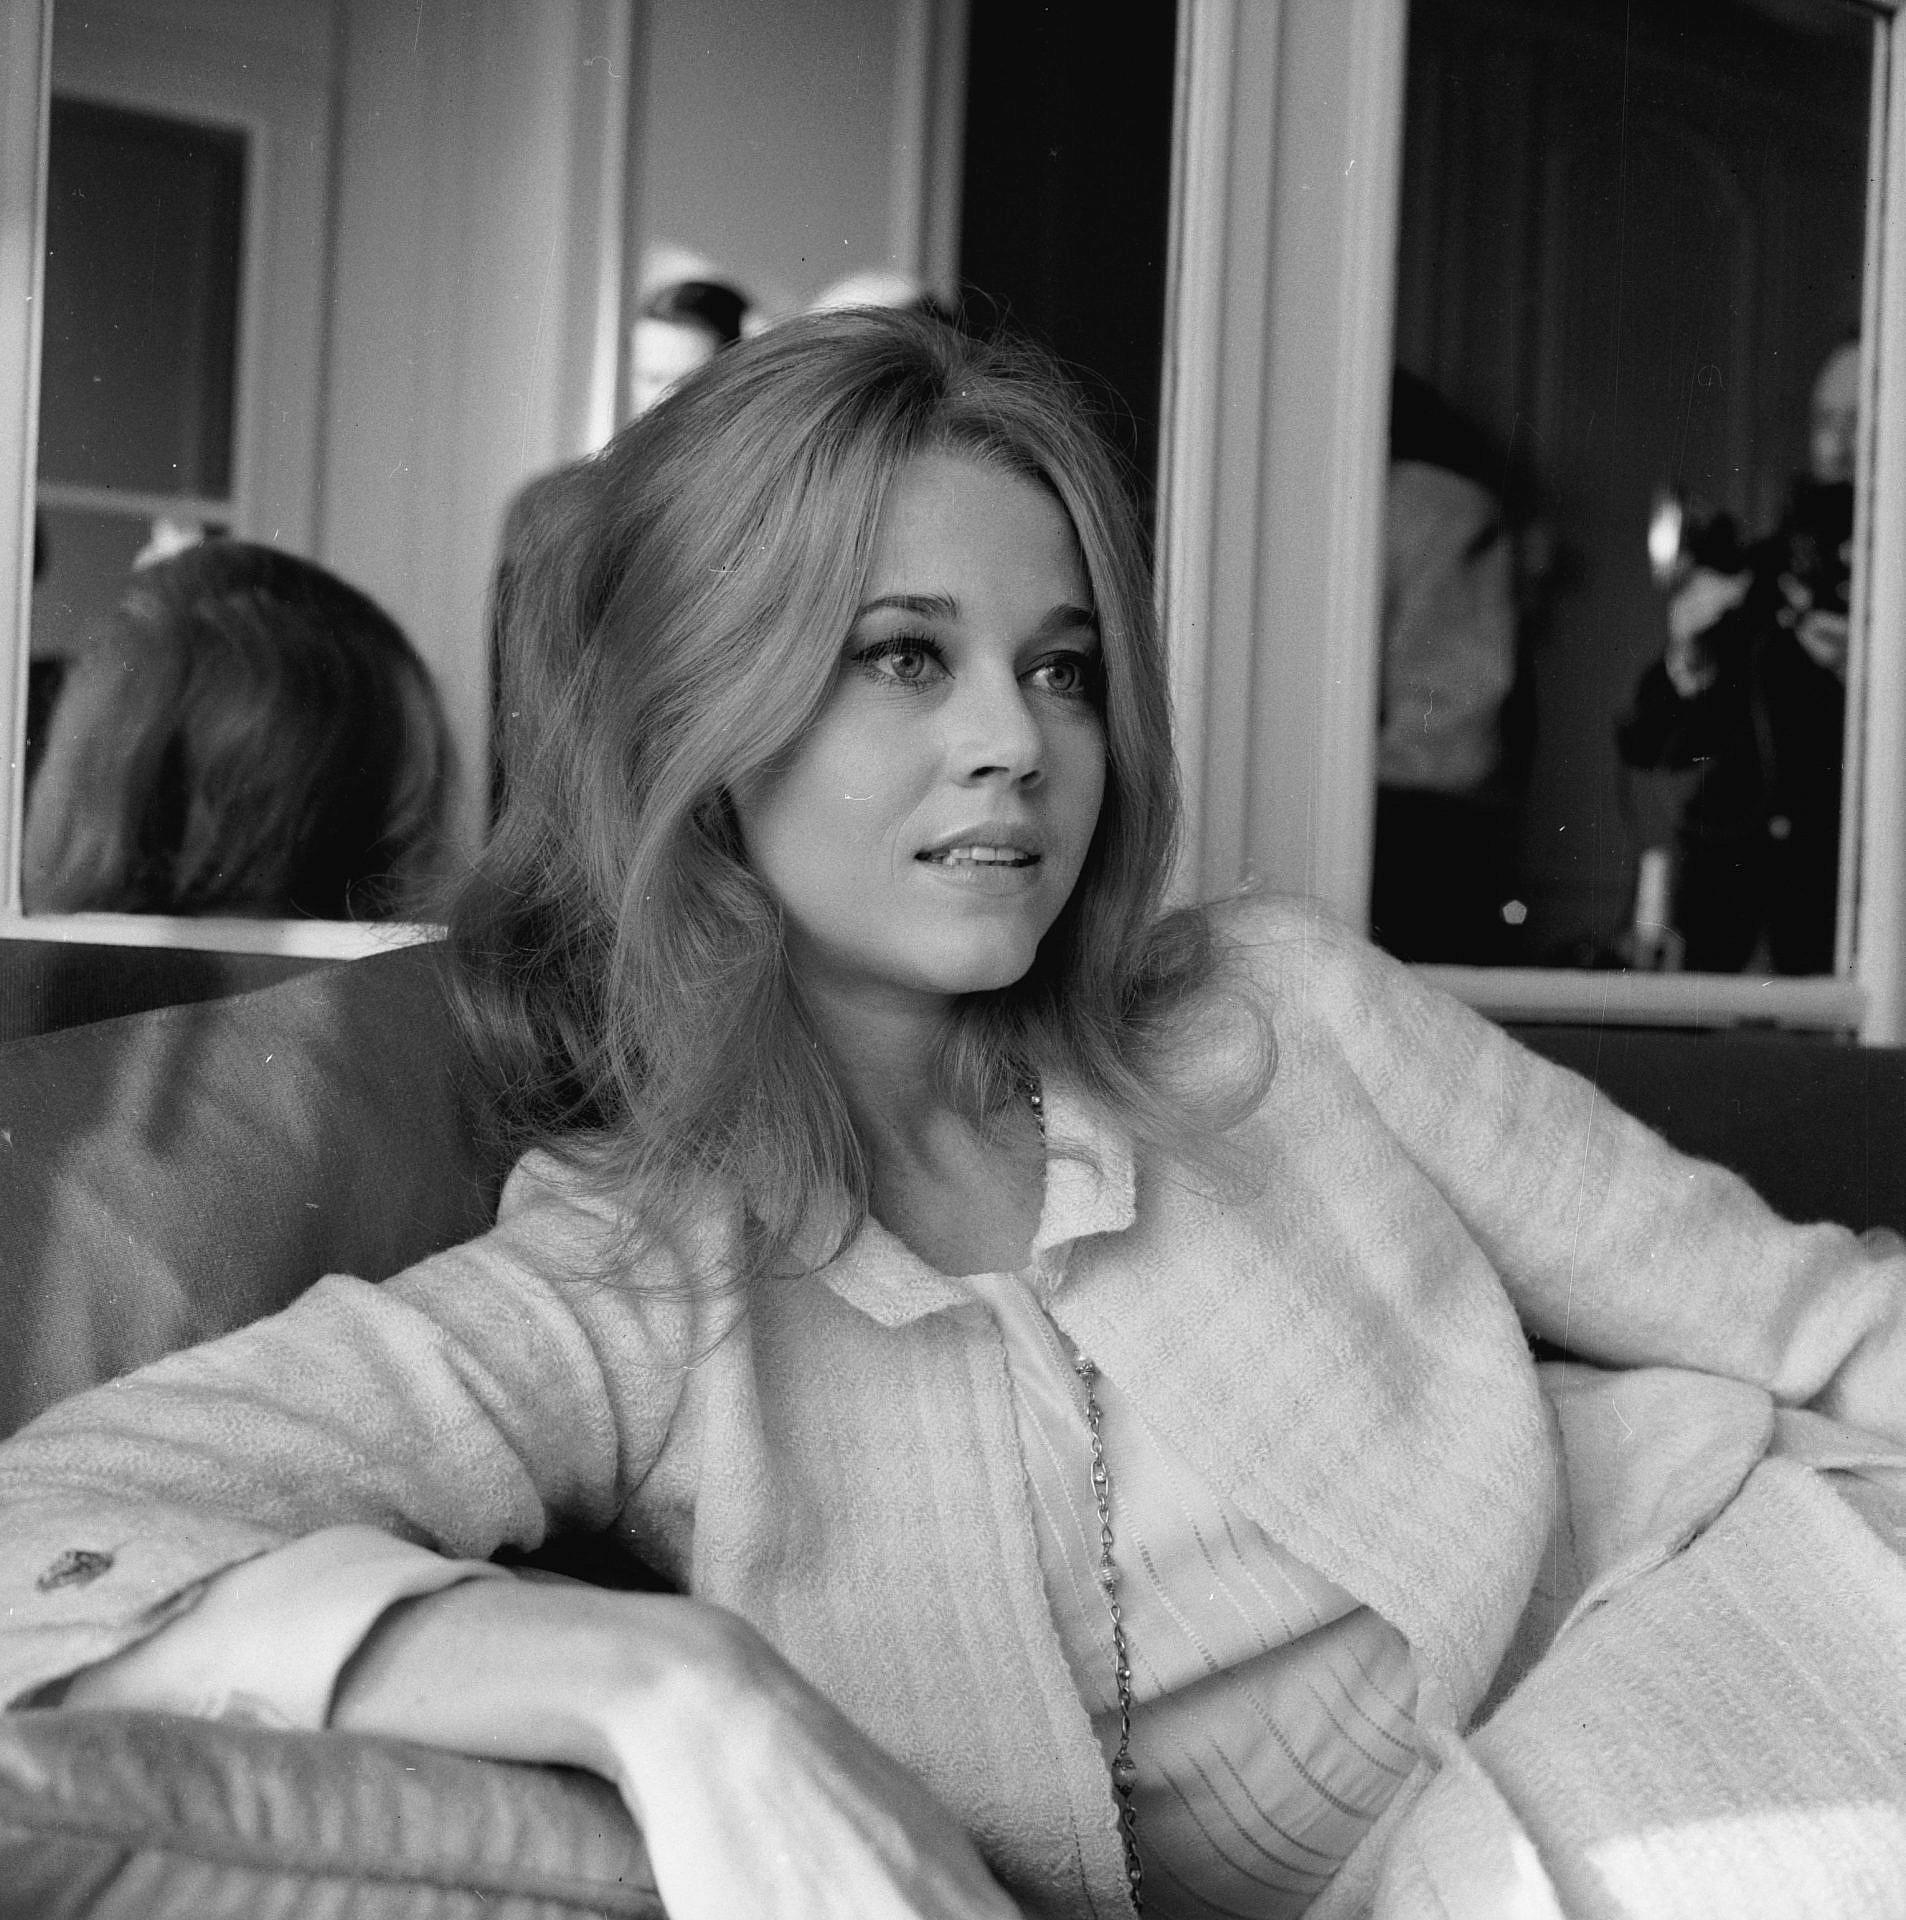 מהממת מאז ומתמיד: ג'יין פונדה, 1965   צילום: Gettyimages/Kaye